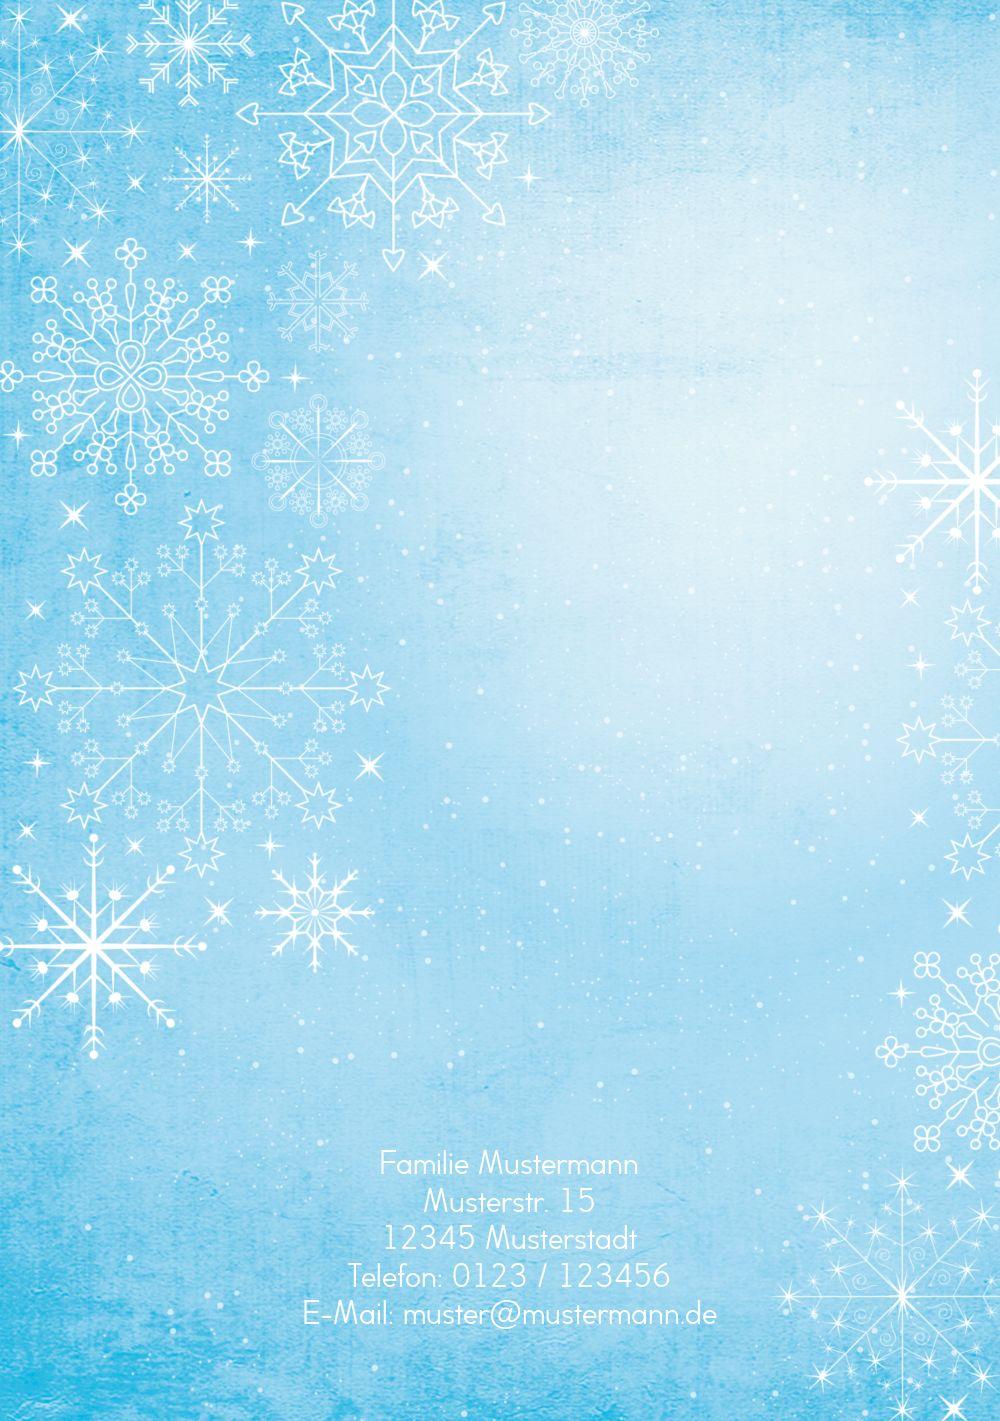 Ansicht 2 - Einladung Wintertraum